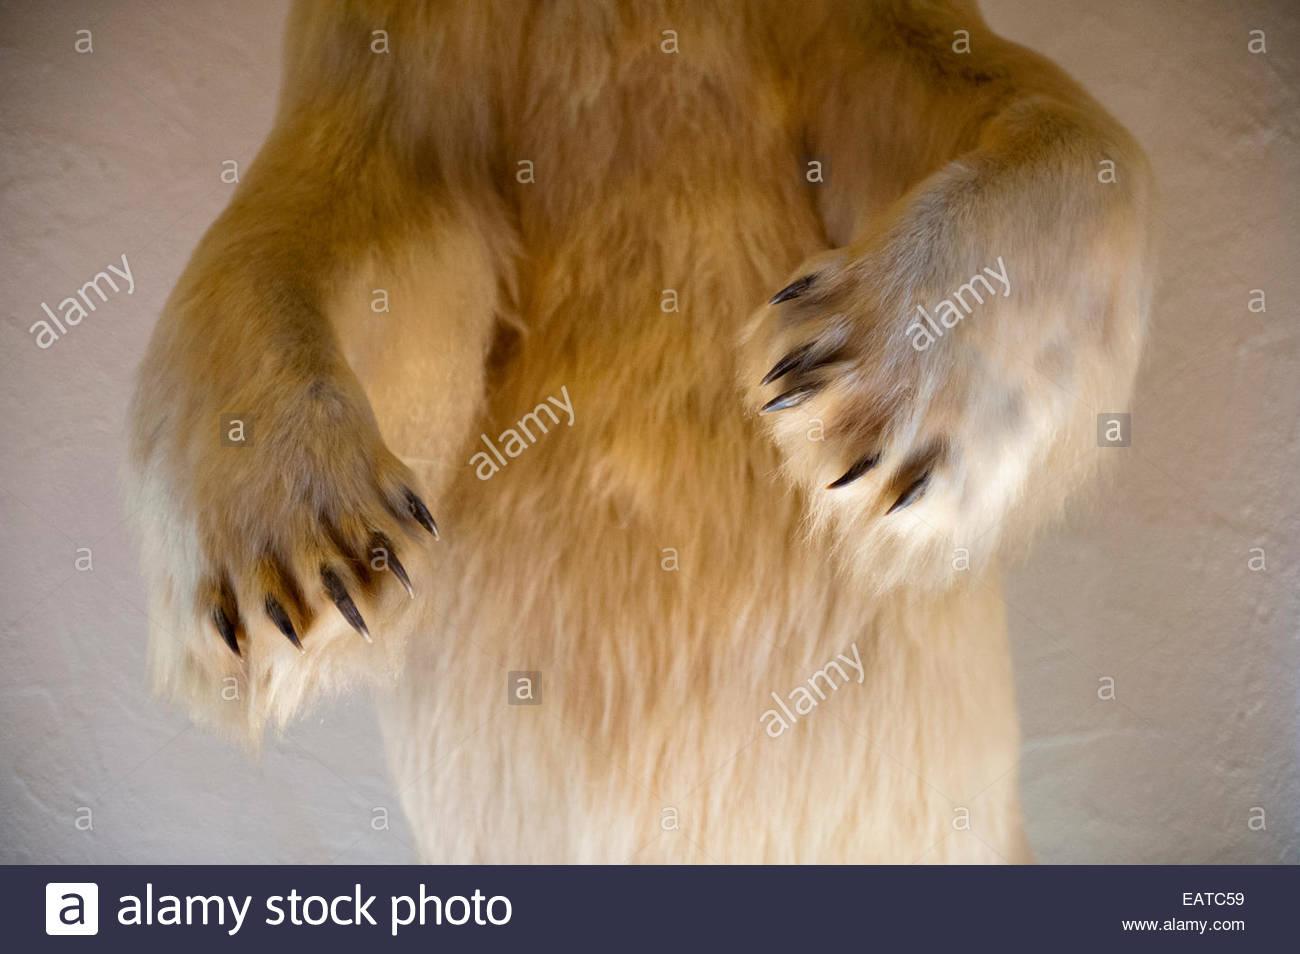 Close up of a mounted polar bear. - Stock Image